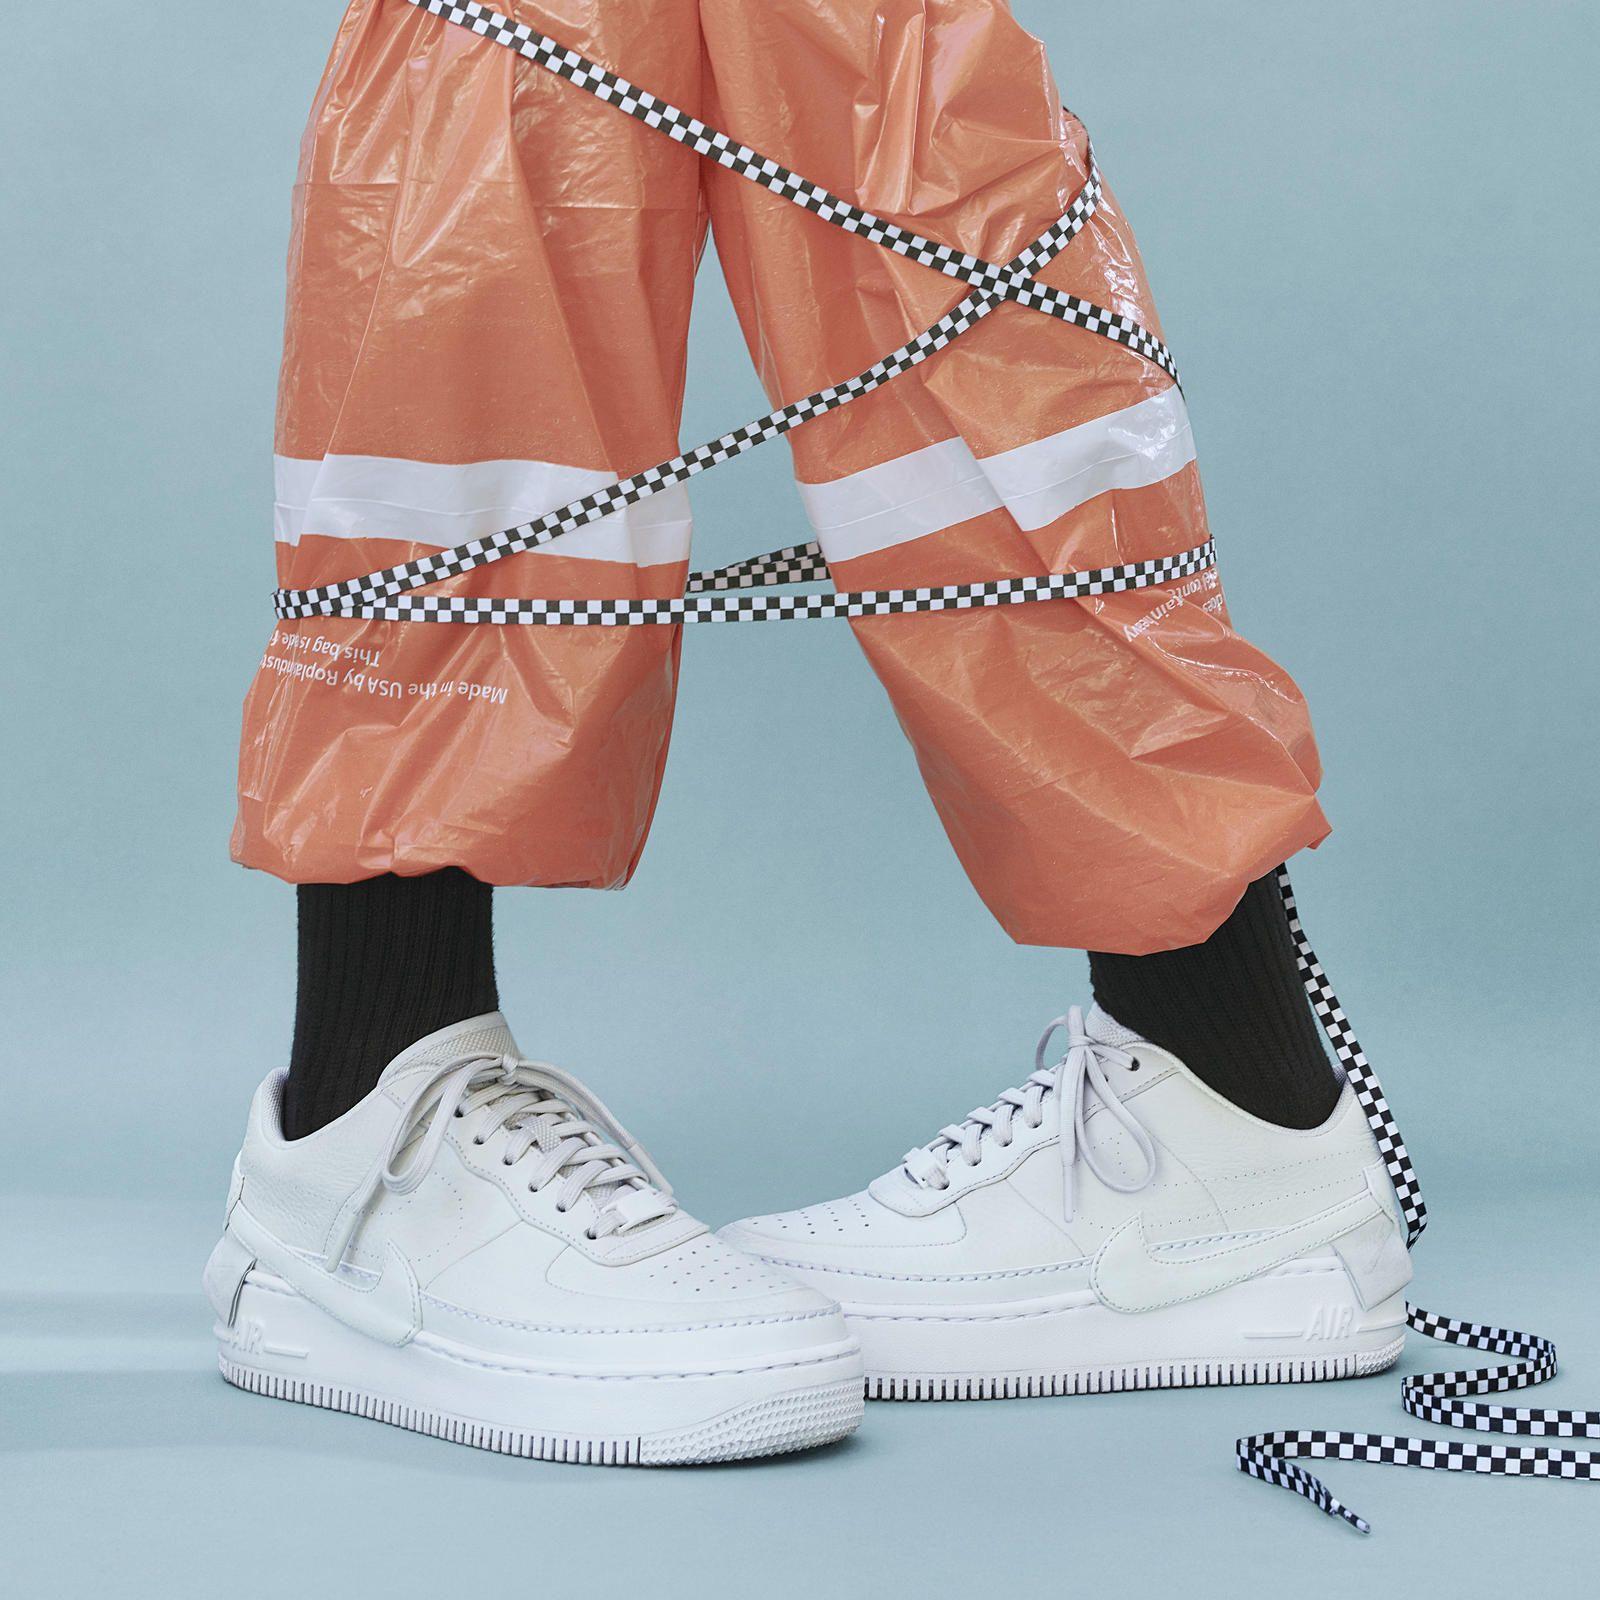 Nike Air Jordan 1 Womens Lebron 10 Lava Size 6.5  491db9c8e